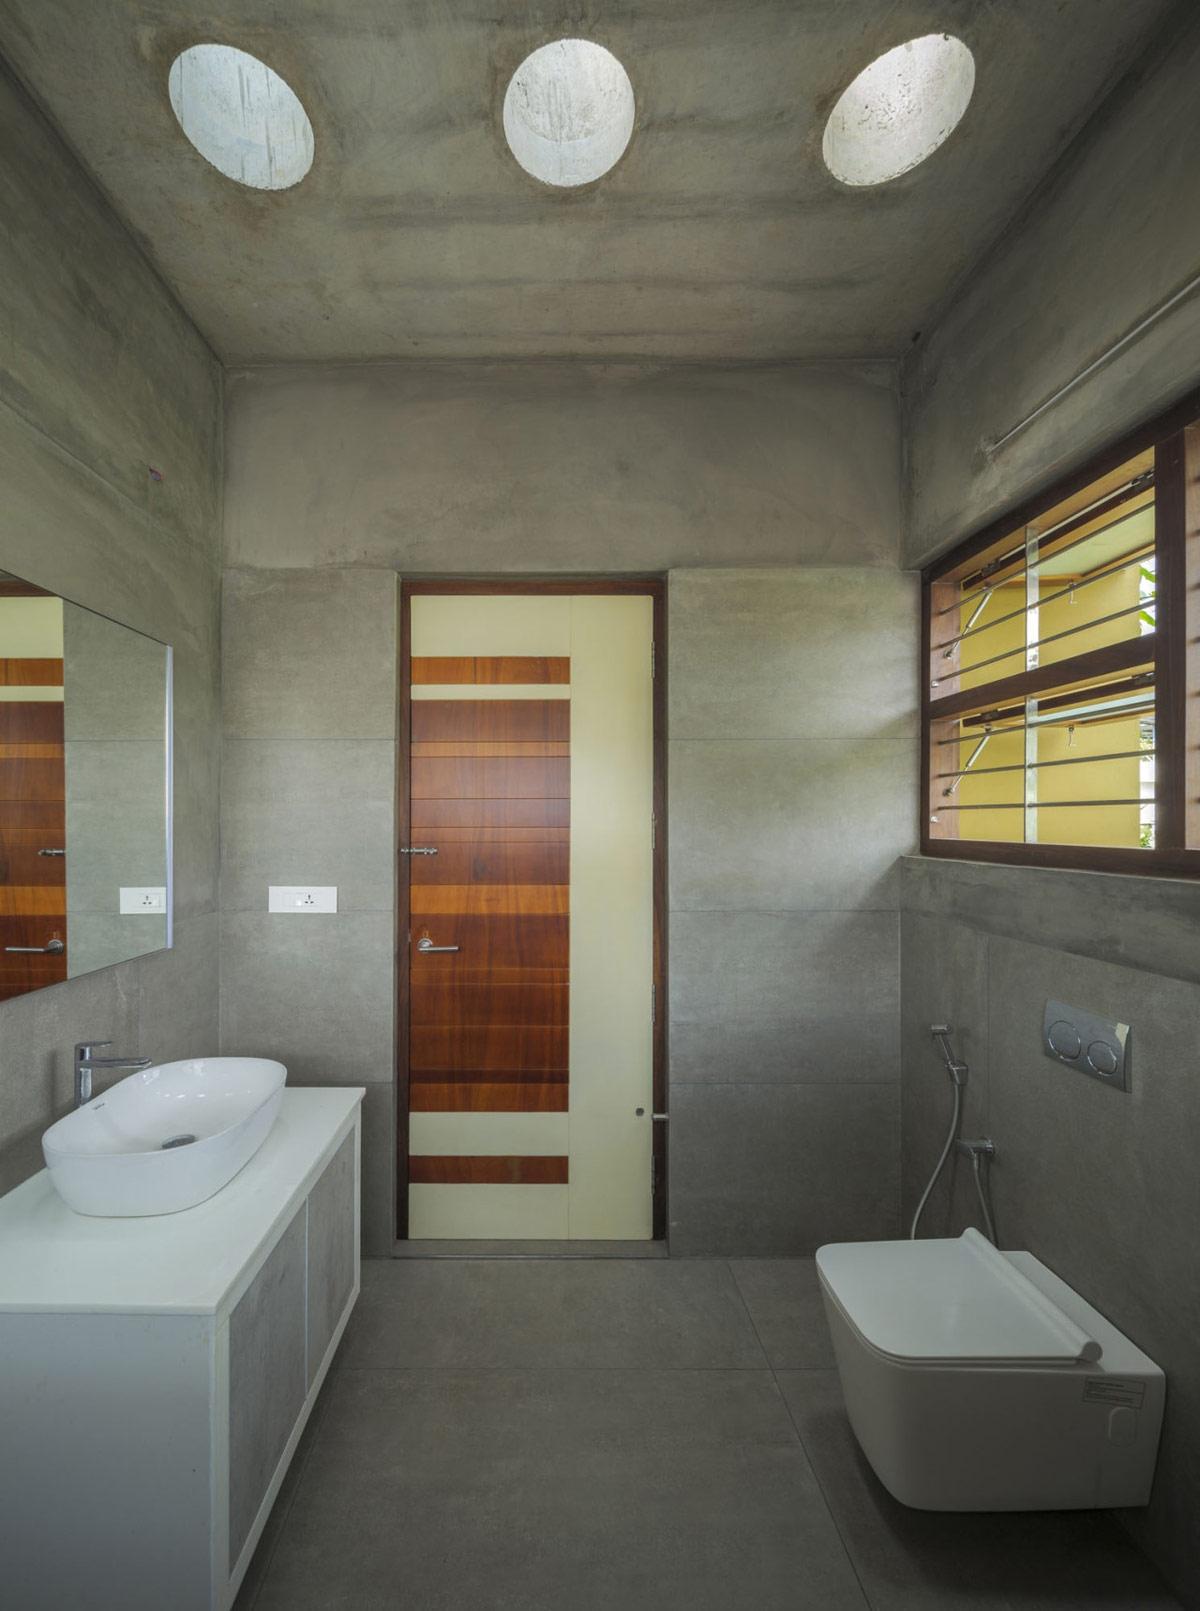 Nhà vệ sinh thể hiện phong cách sống đơn giản của gia đình./.